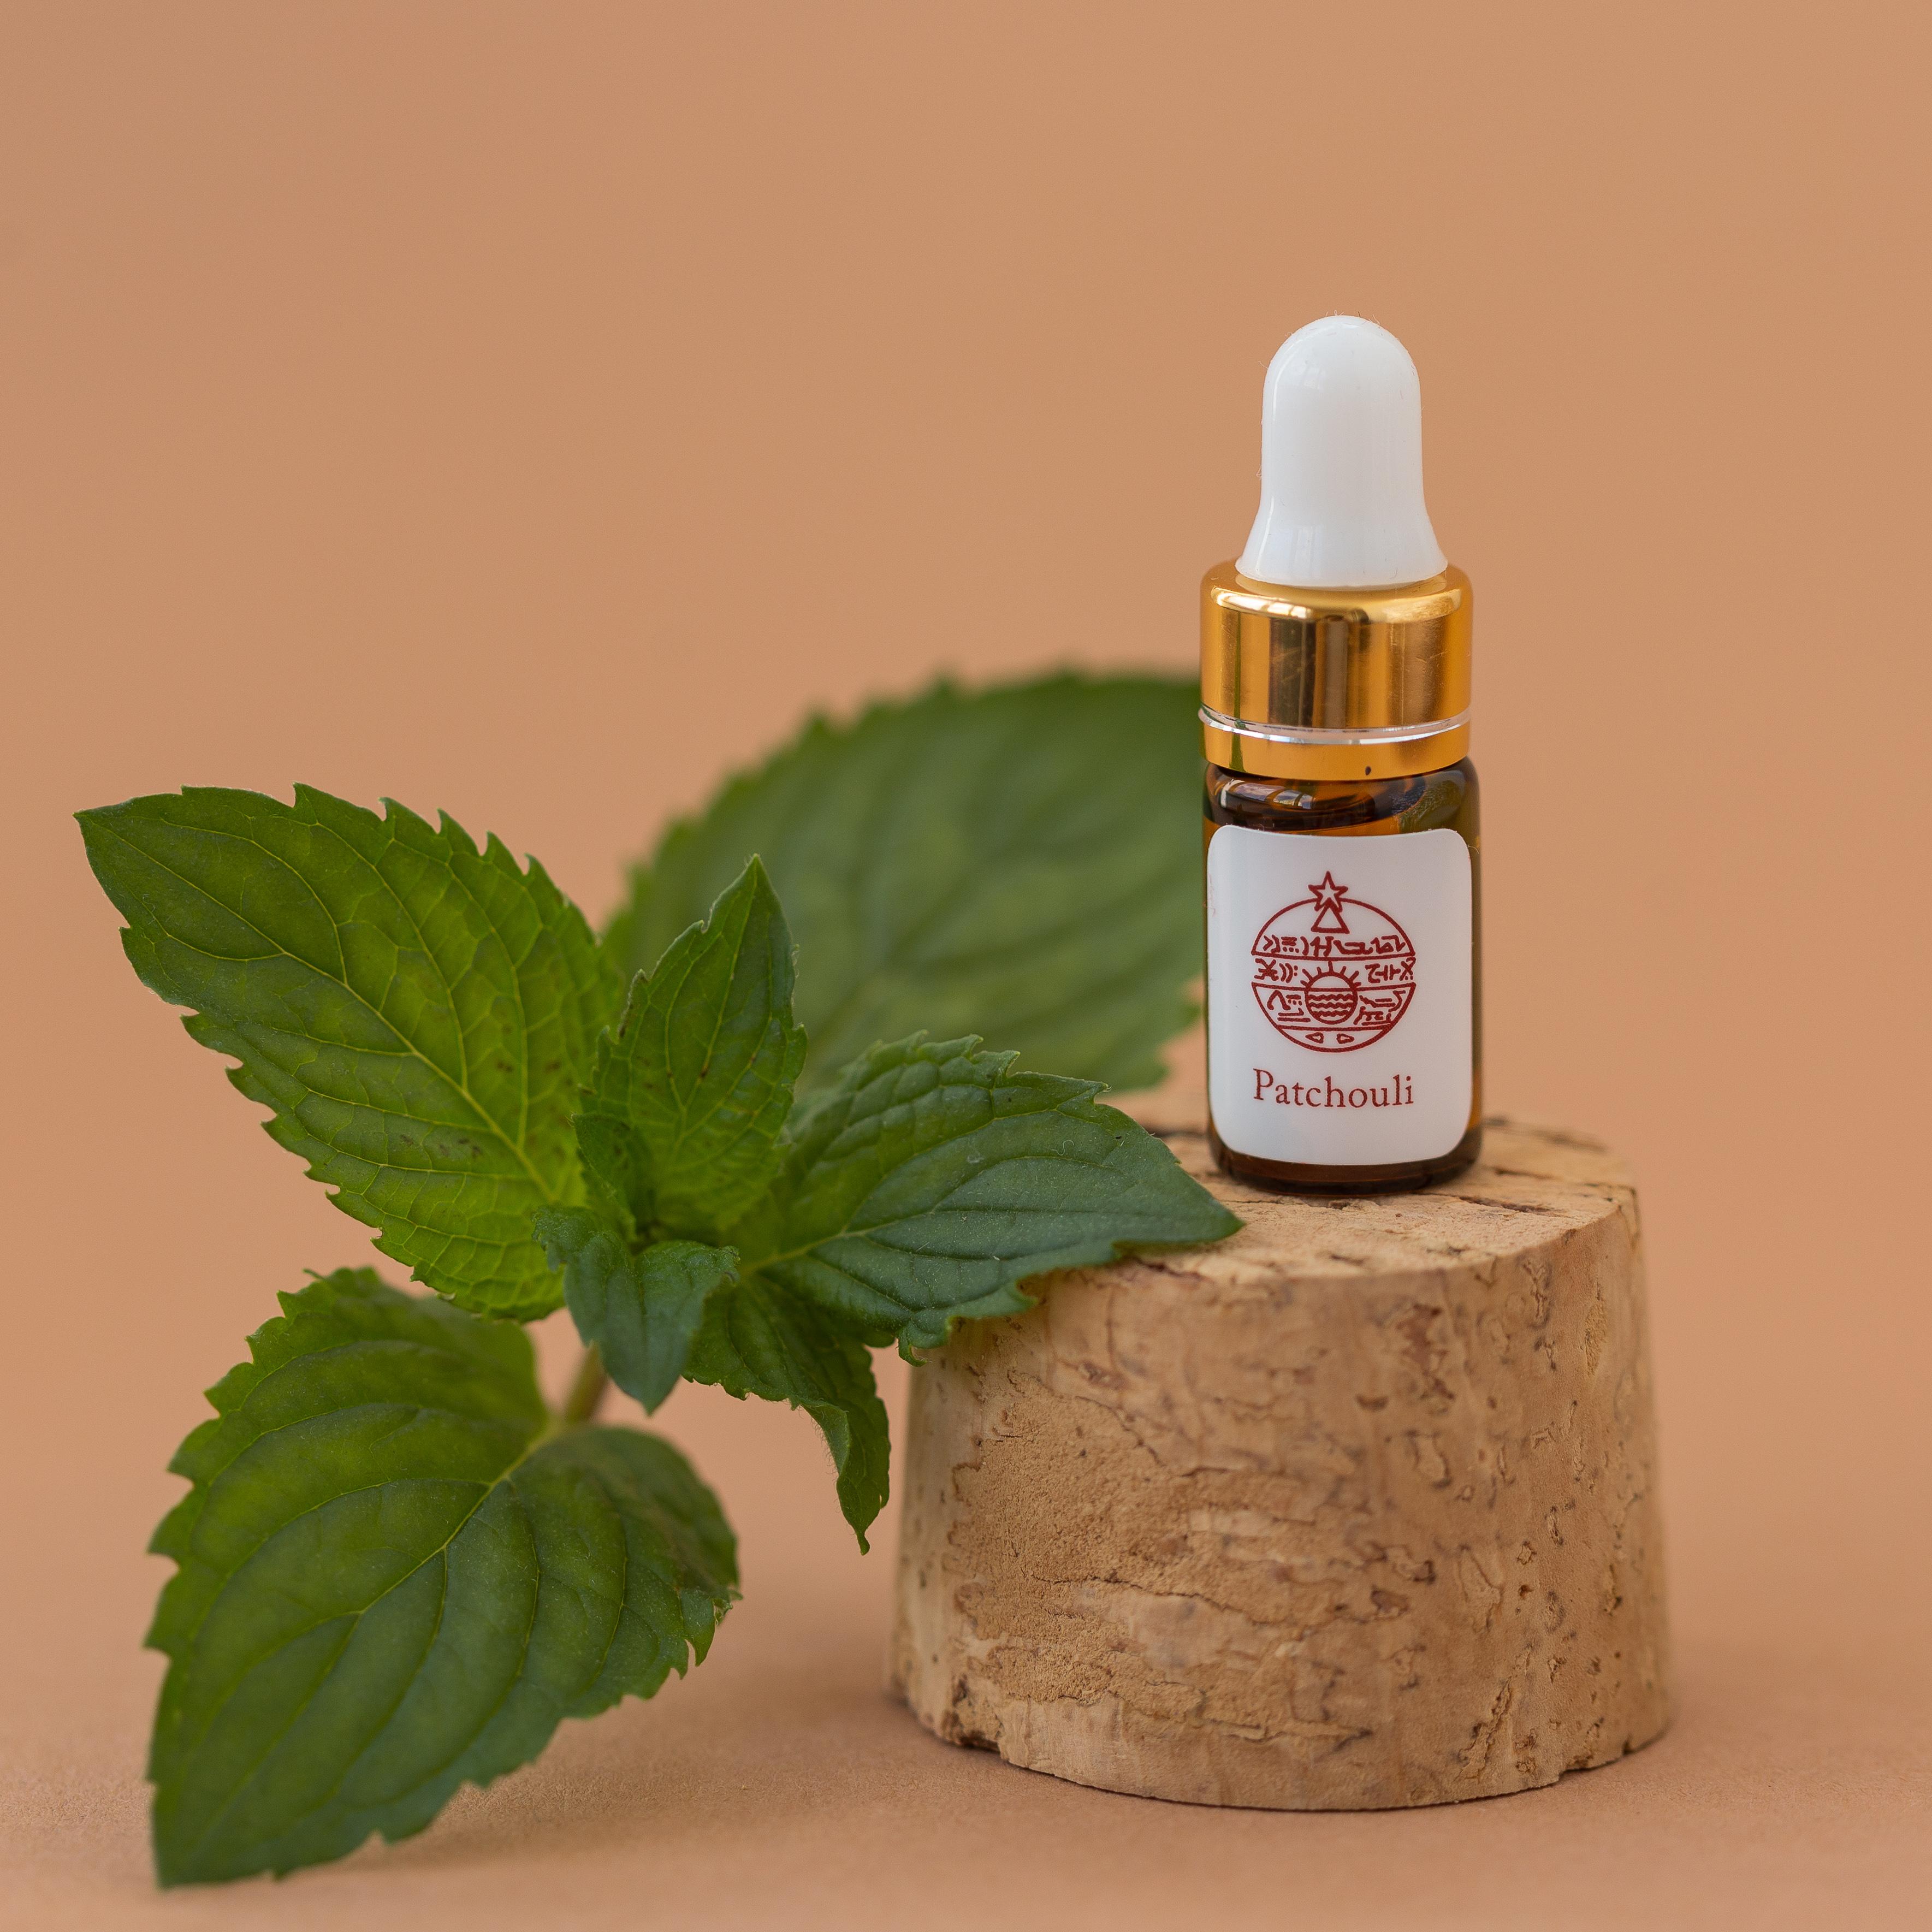 Эфирное масло пачули как сильнейший афродизиак и косметическое средство